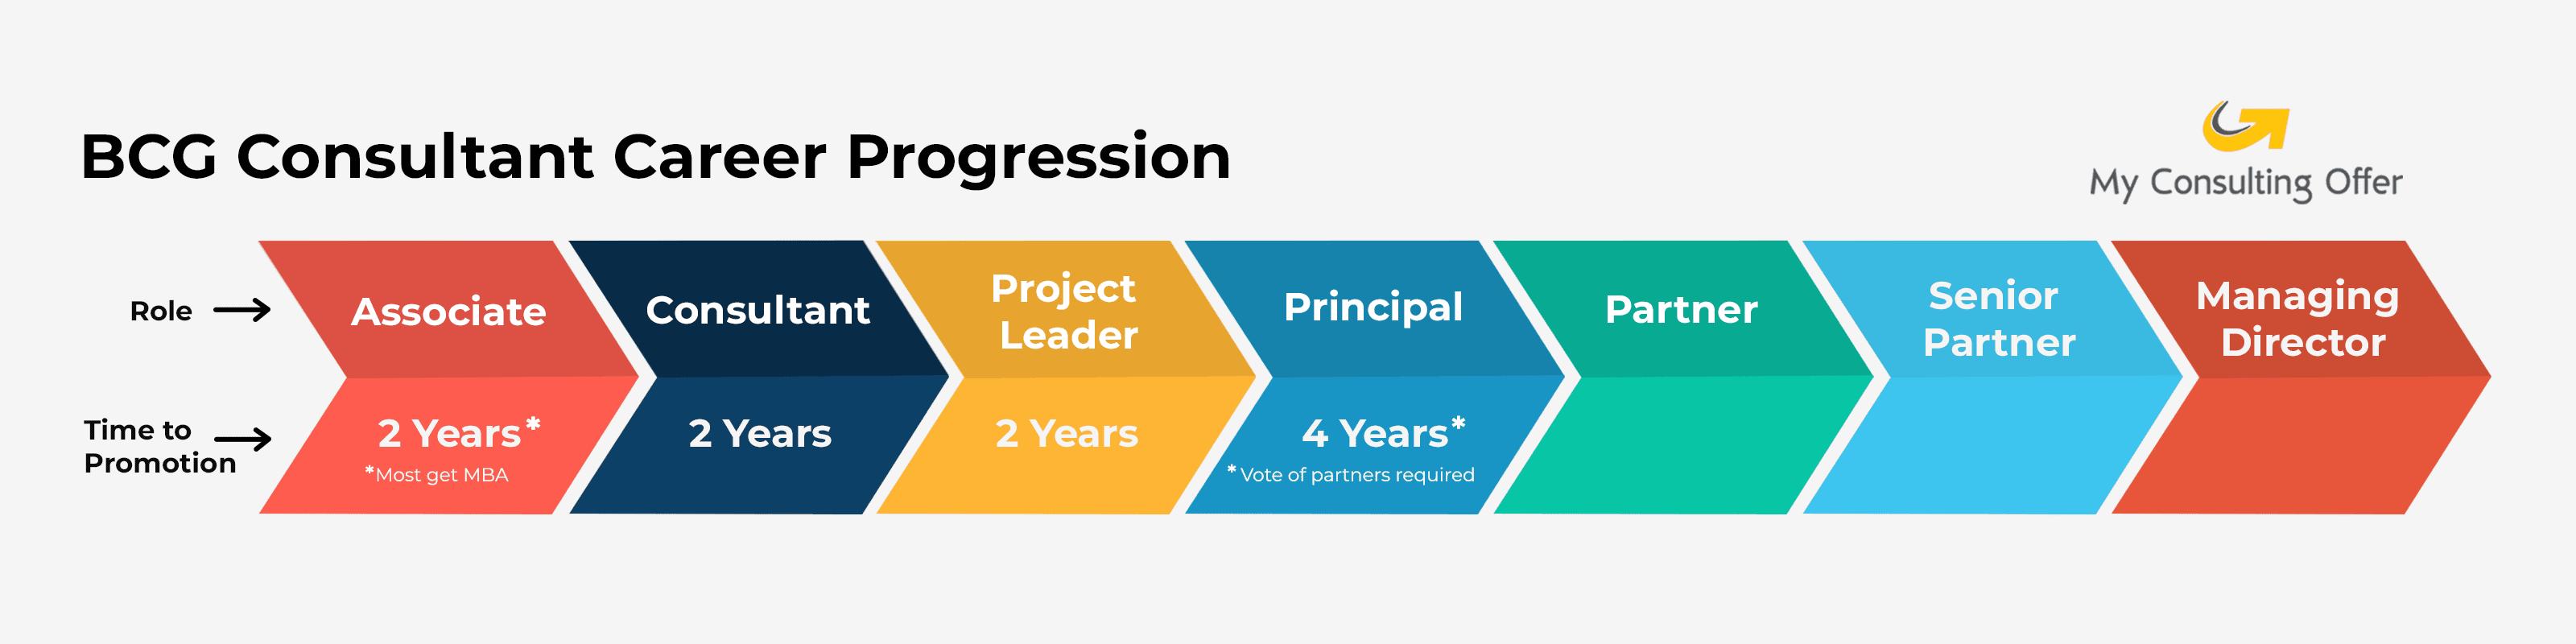 BCG-Consultant-Career-Progression